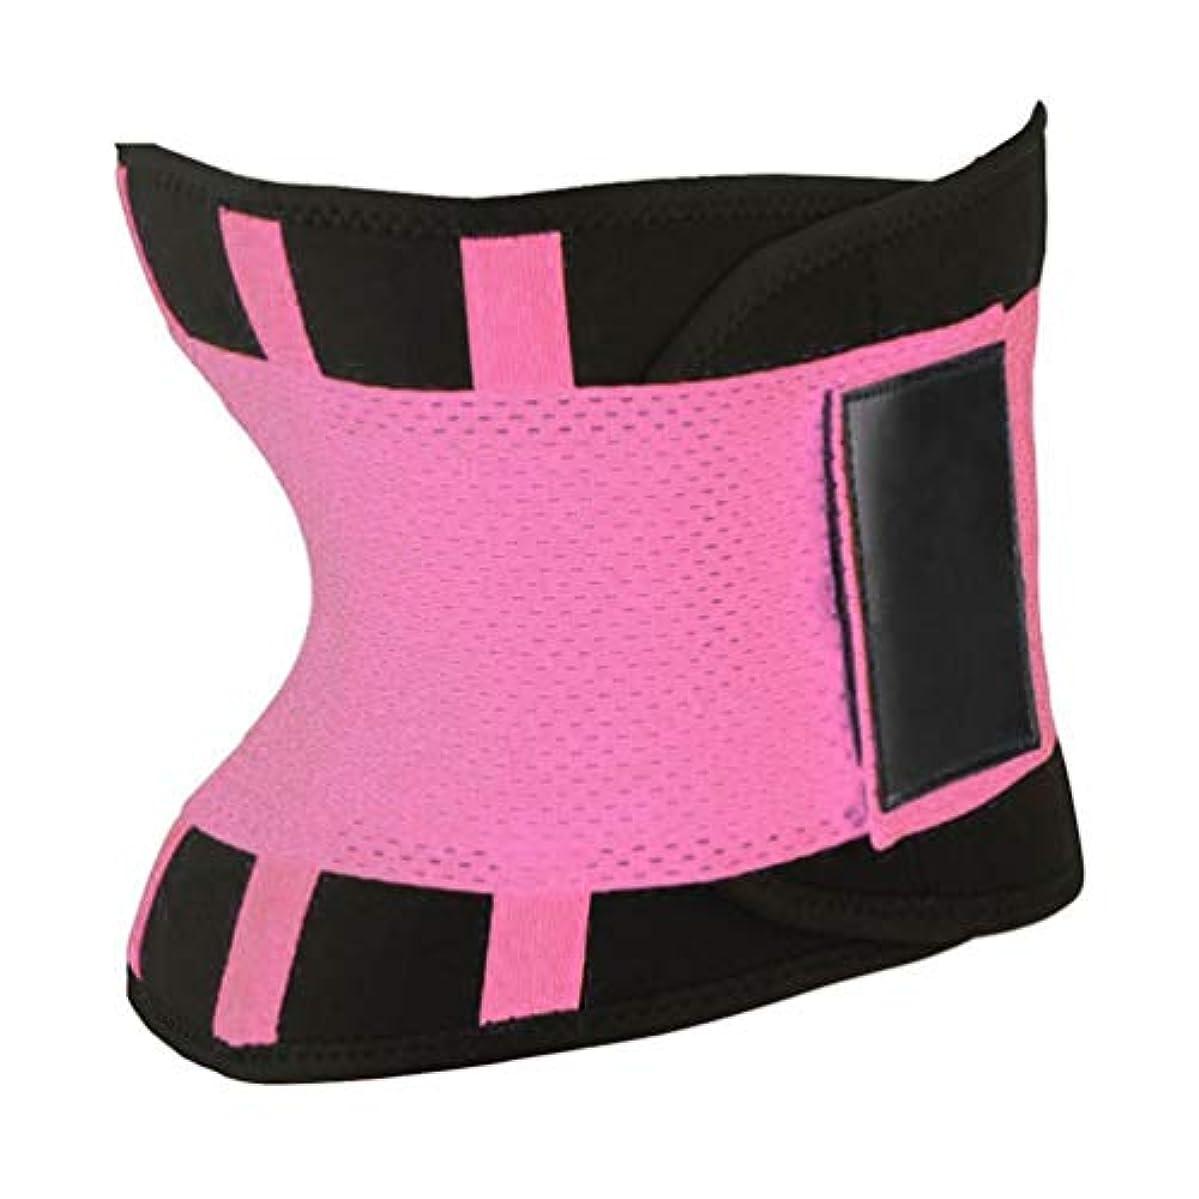 無許可標高魅力的快適な女性ボディシェイパー痩身シェイパーベルトスポーツ女性ウエストトレーナーニッパー制御バーニングボディおなかベルト - ピンク2xl